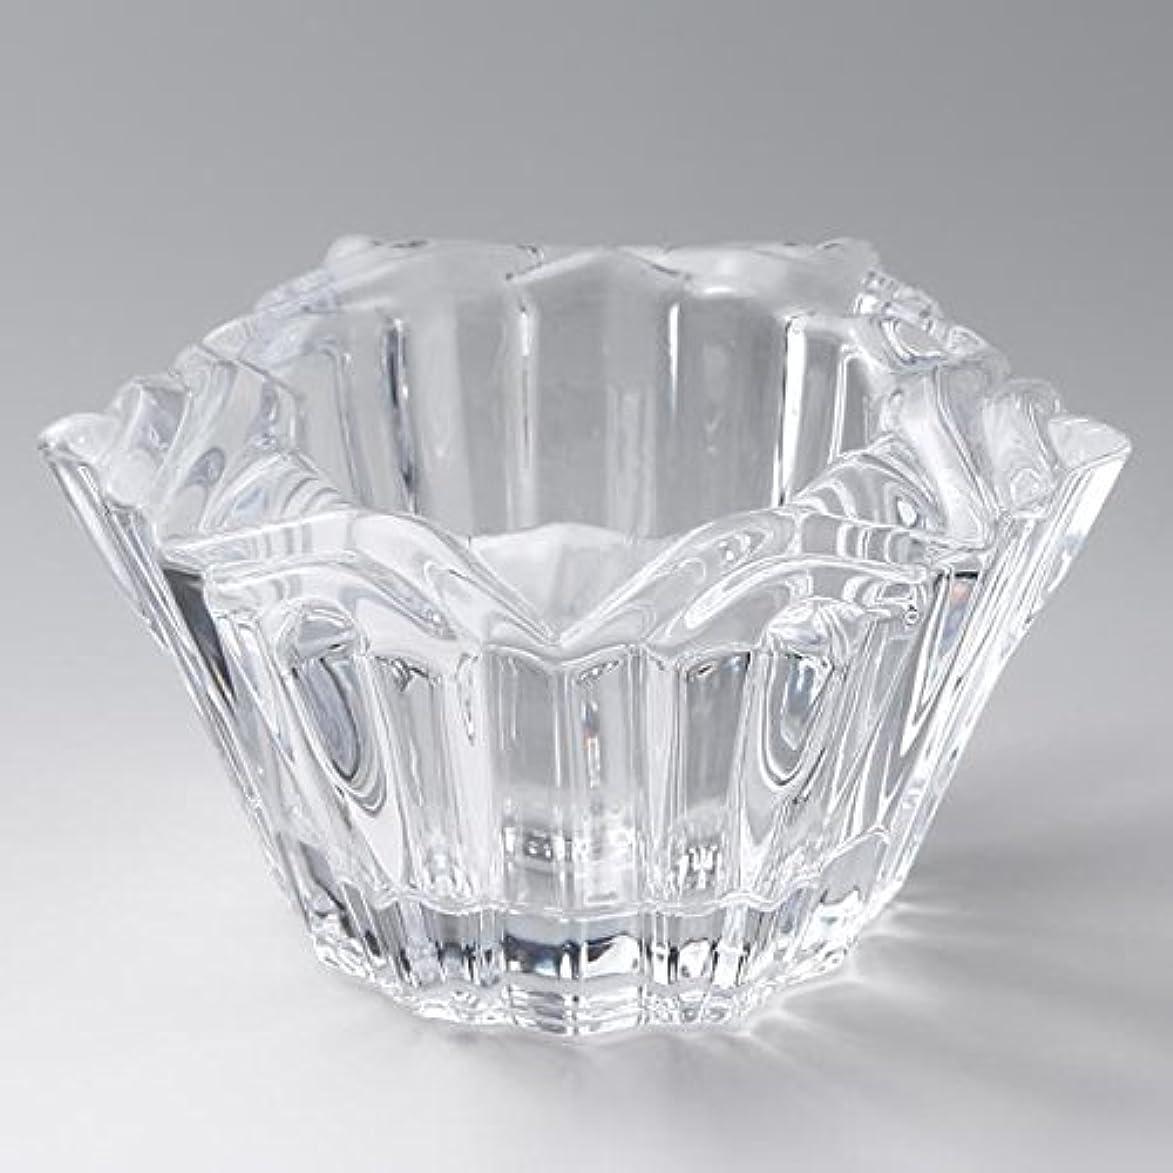 偶然バトル合金キャンドルグラス ブリリアント